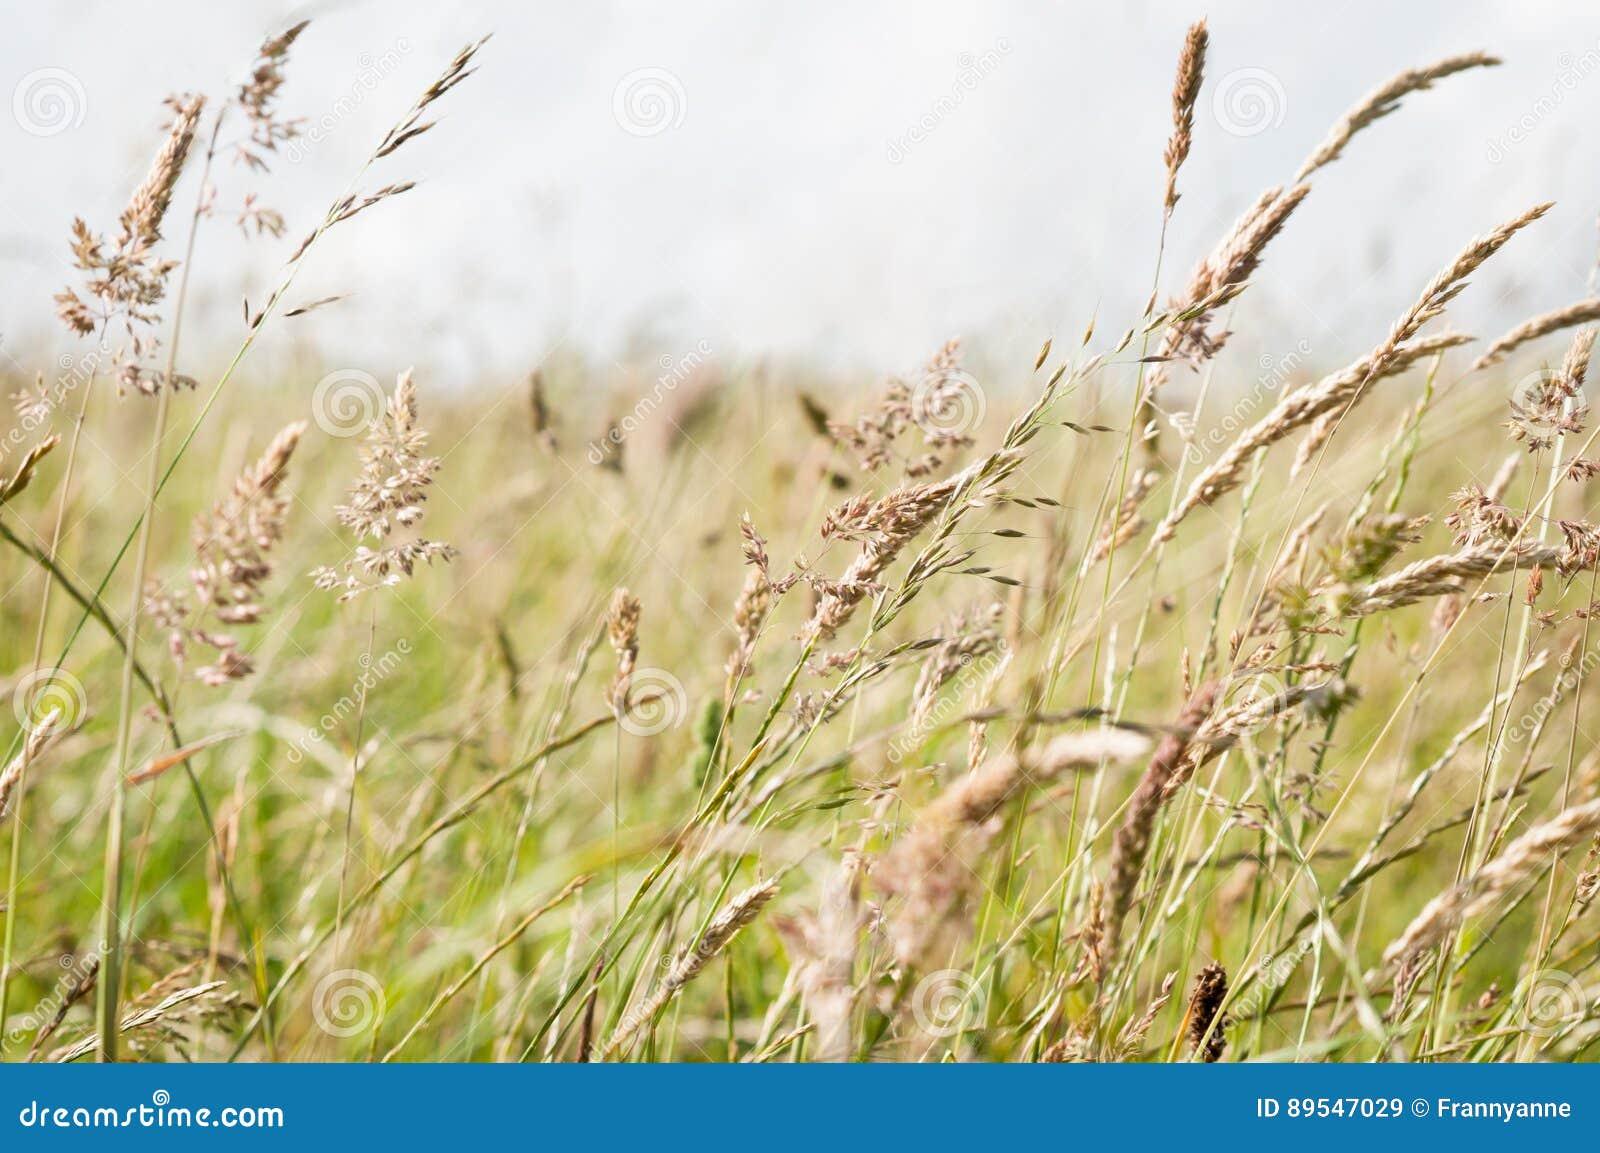 Одичалые травы дуя в ветерке в луге сельской местности